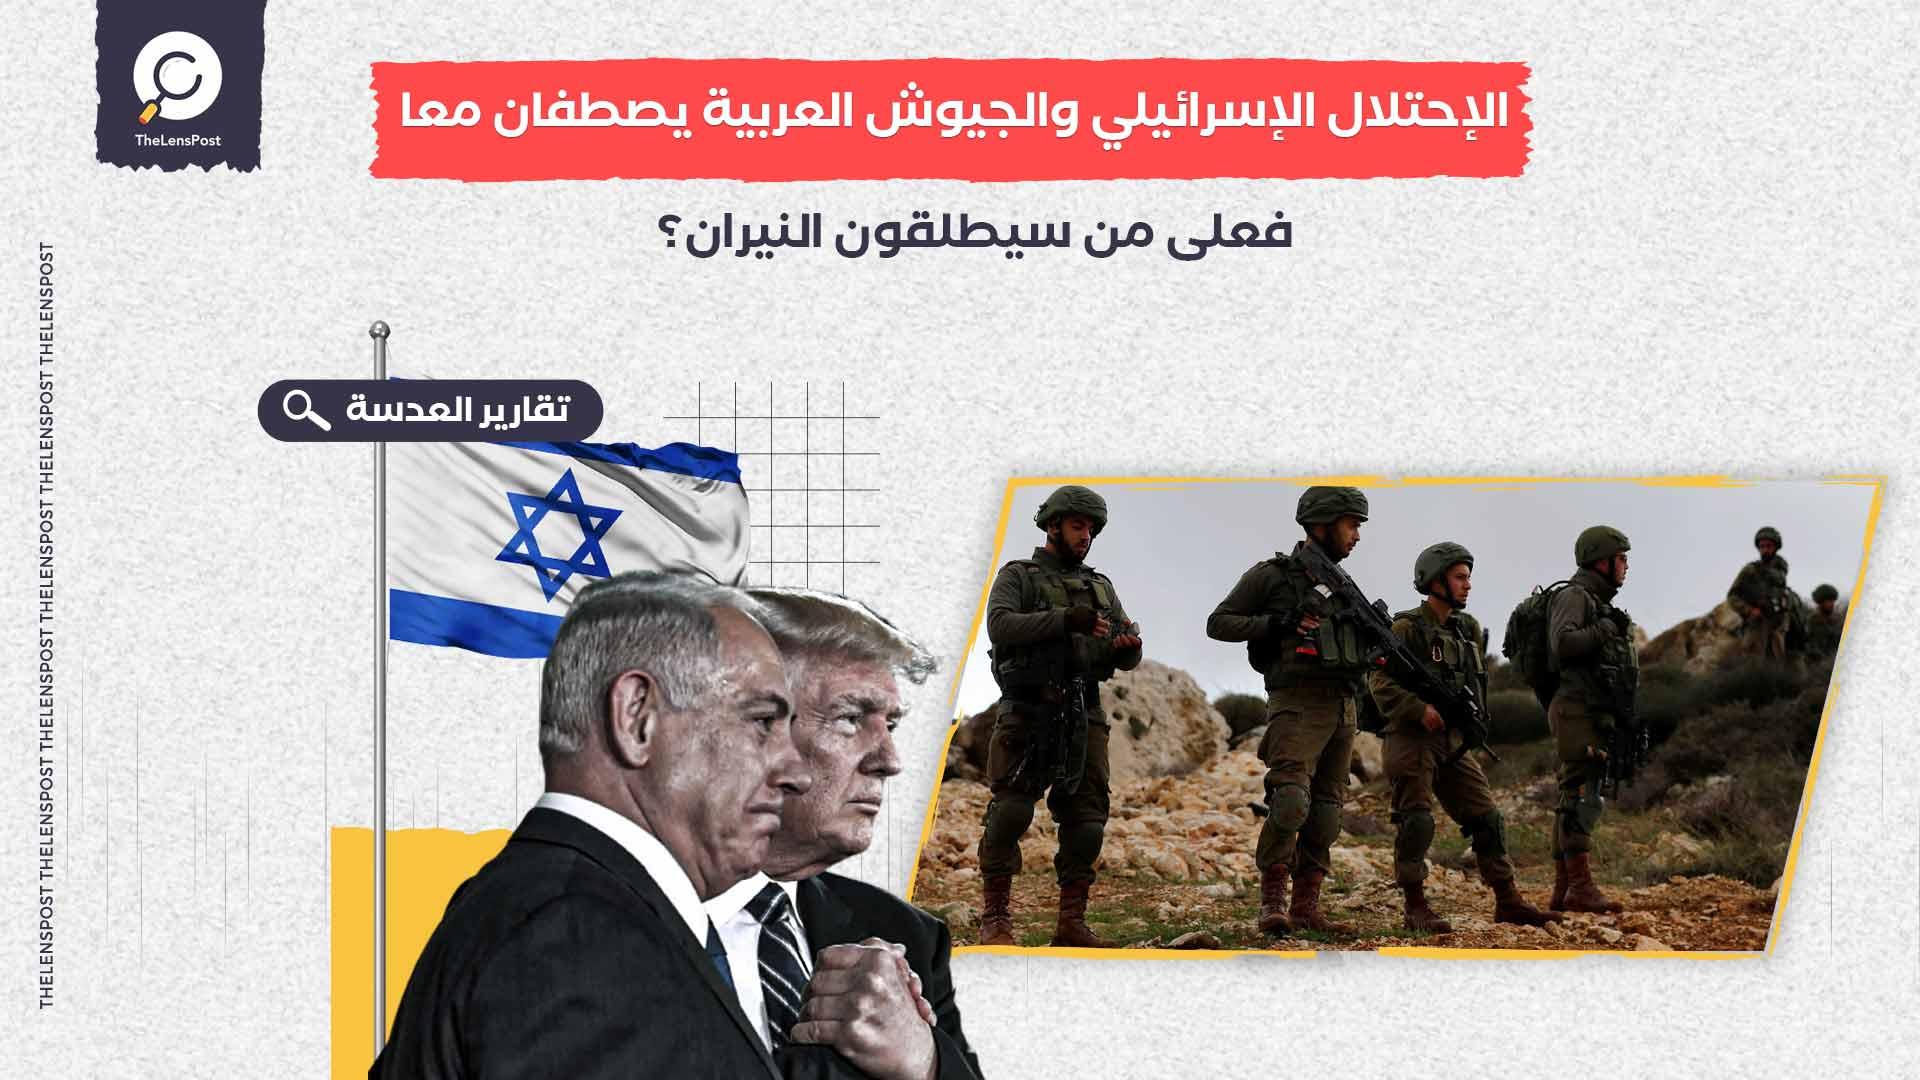 """إسرائيل والجيوش العربية يصطفان معًا تحت """"القيادة الوسطى"""".. فعلى مَن سيطلقون النيران؟"""